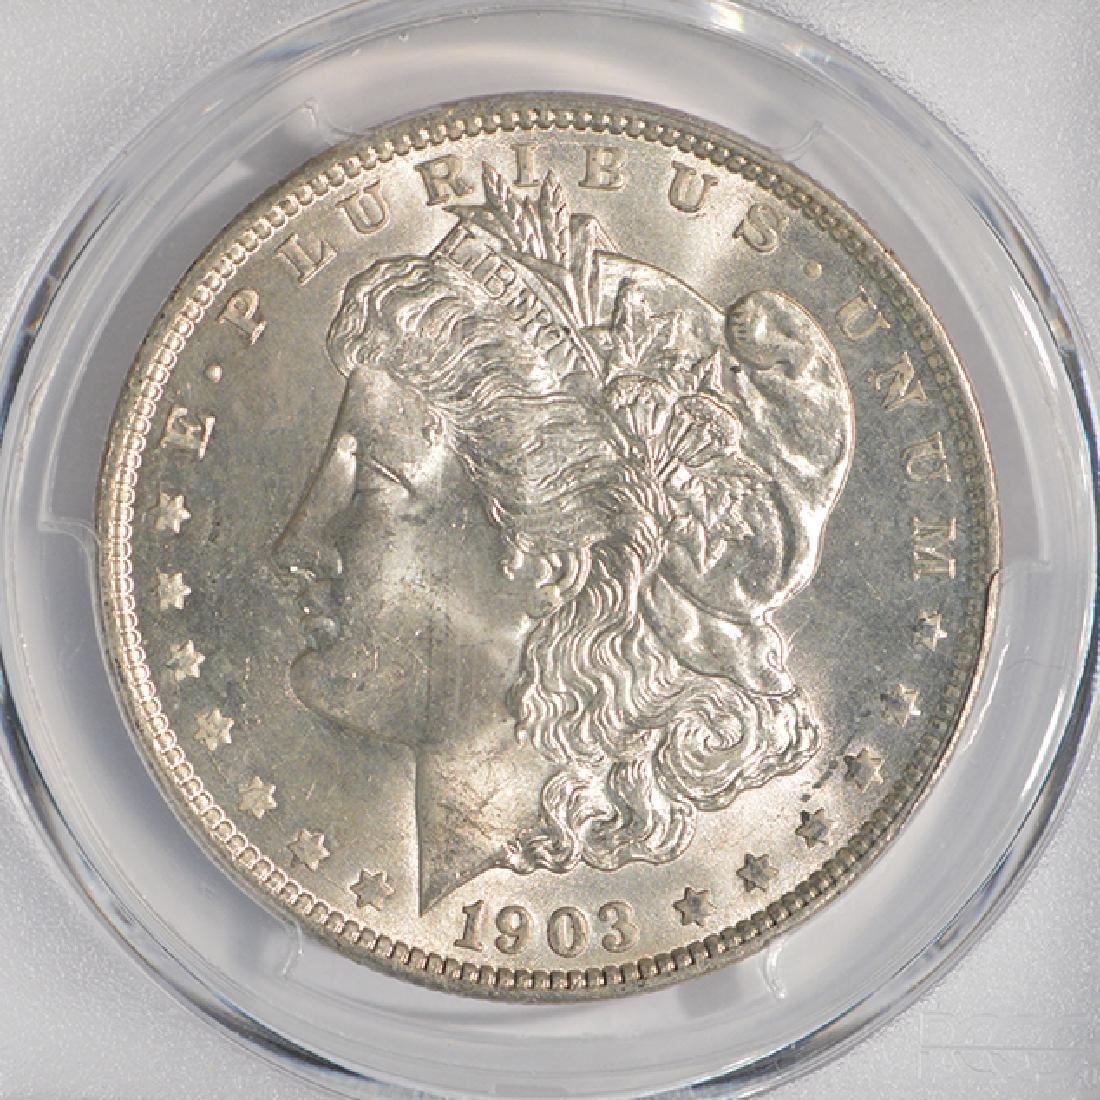 1903-O $1 Morgan Silver Dollar Coin PCGS MS65 - 3